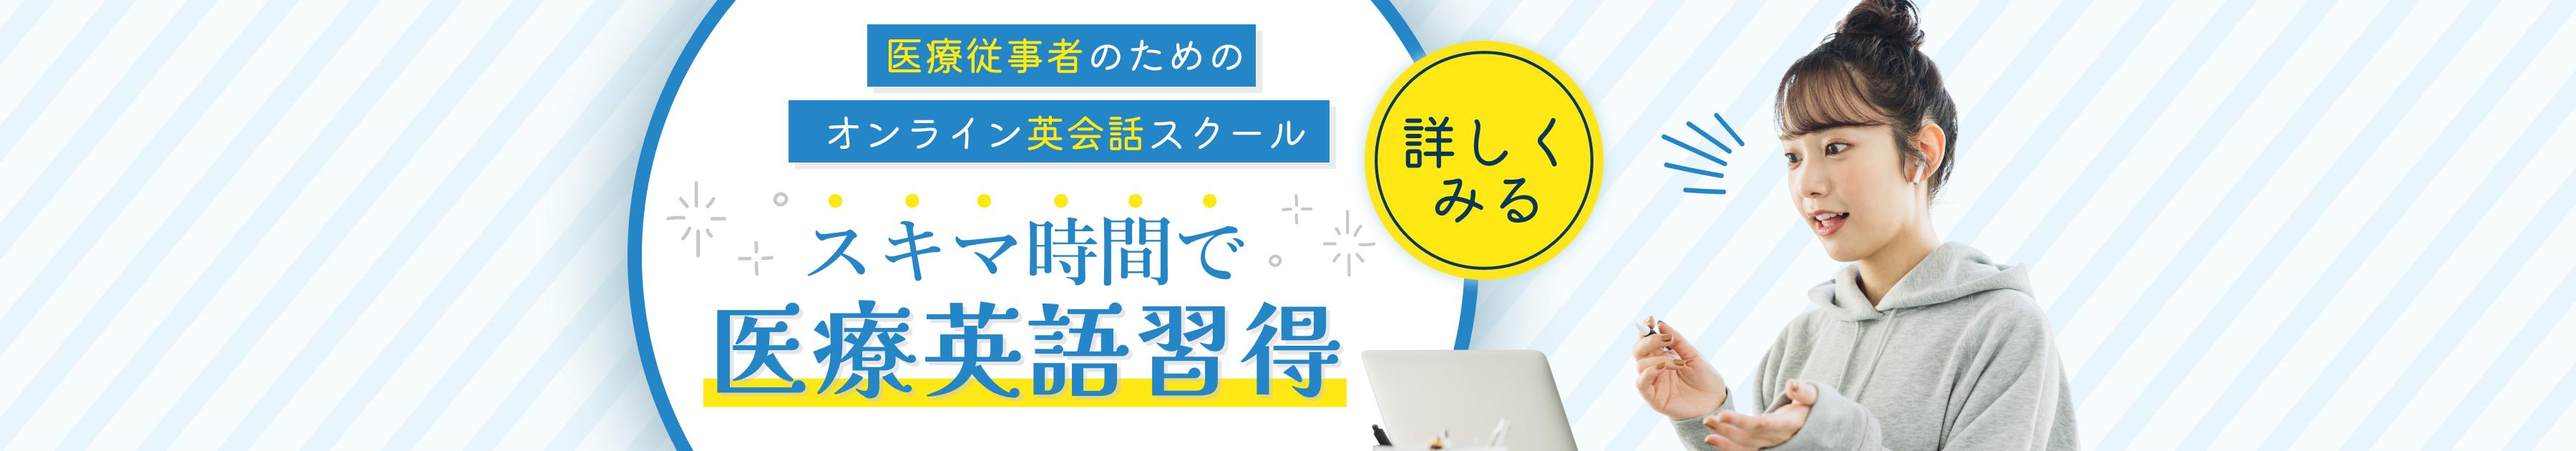 HLCA医療英語オンライン